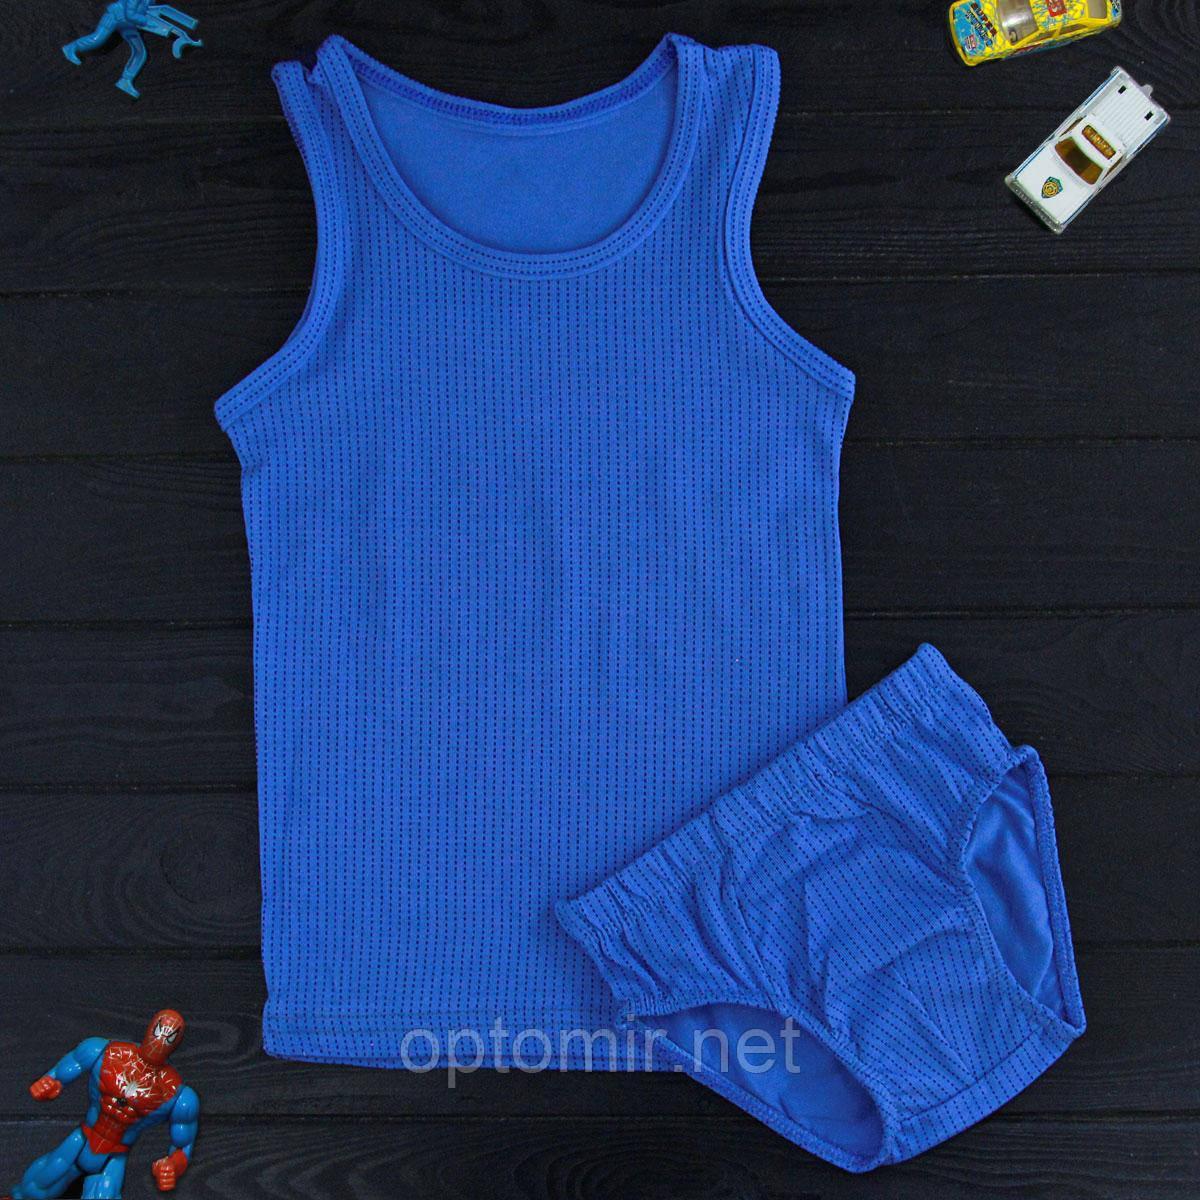 Комплект детский Donella Турция синий для мальчика на 8/9 лет | 1шт.